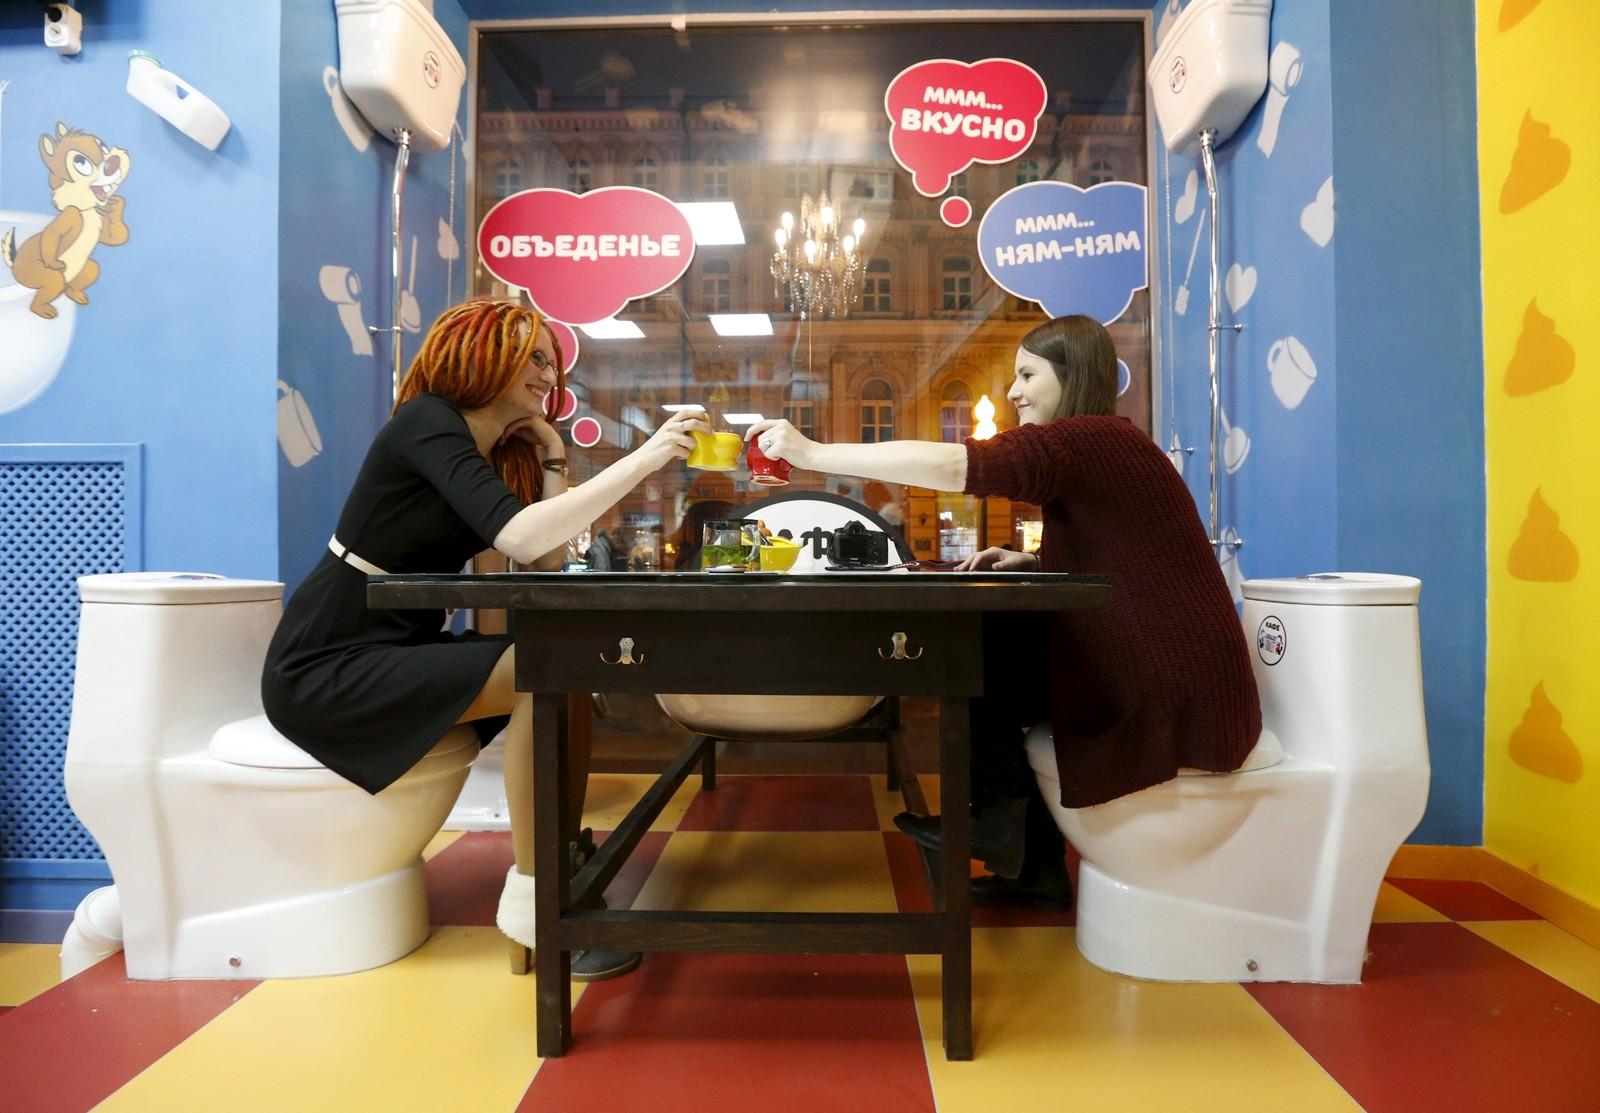 På Crazy Toilet Cafe, kan du nyte mat og drikke i et miljø vanlilgvis avholdt til når maten skal ut igjen.